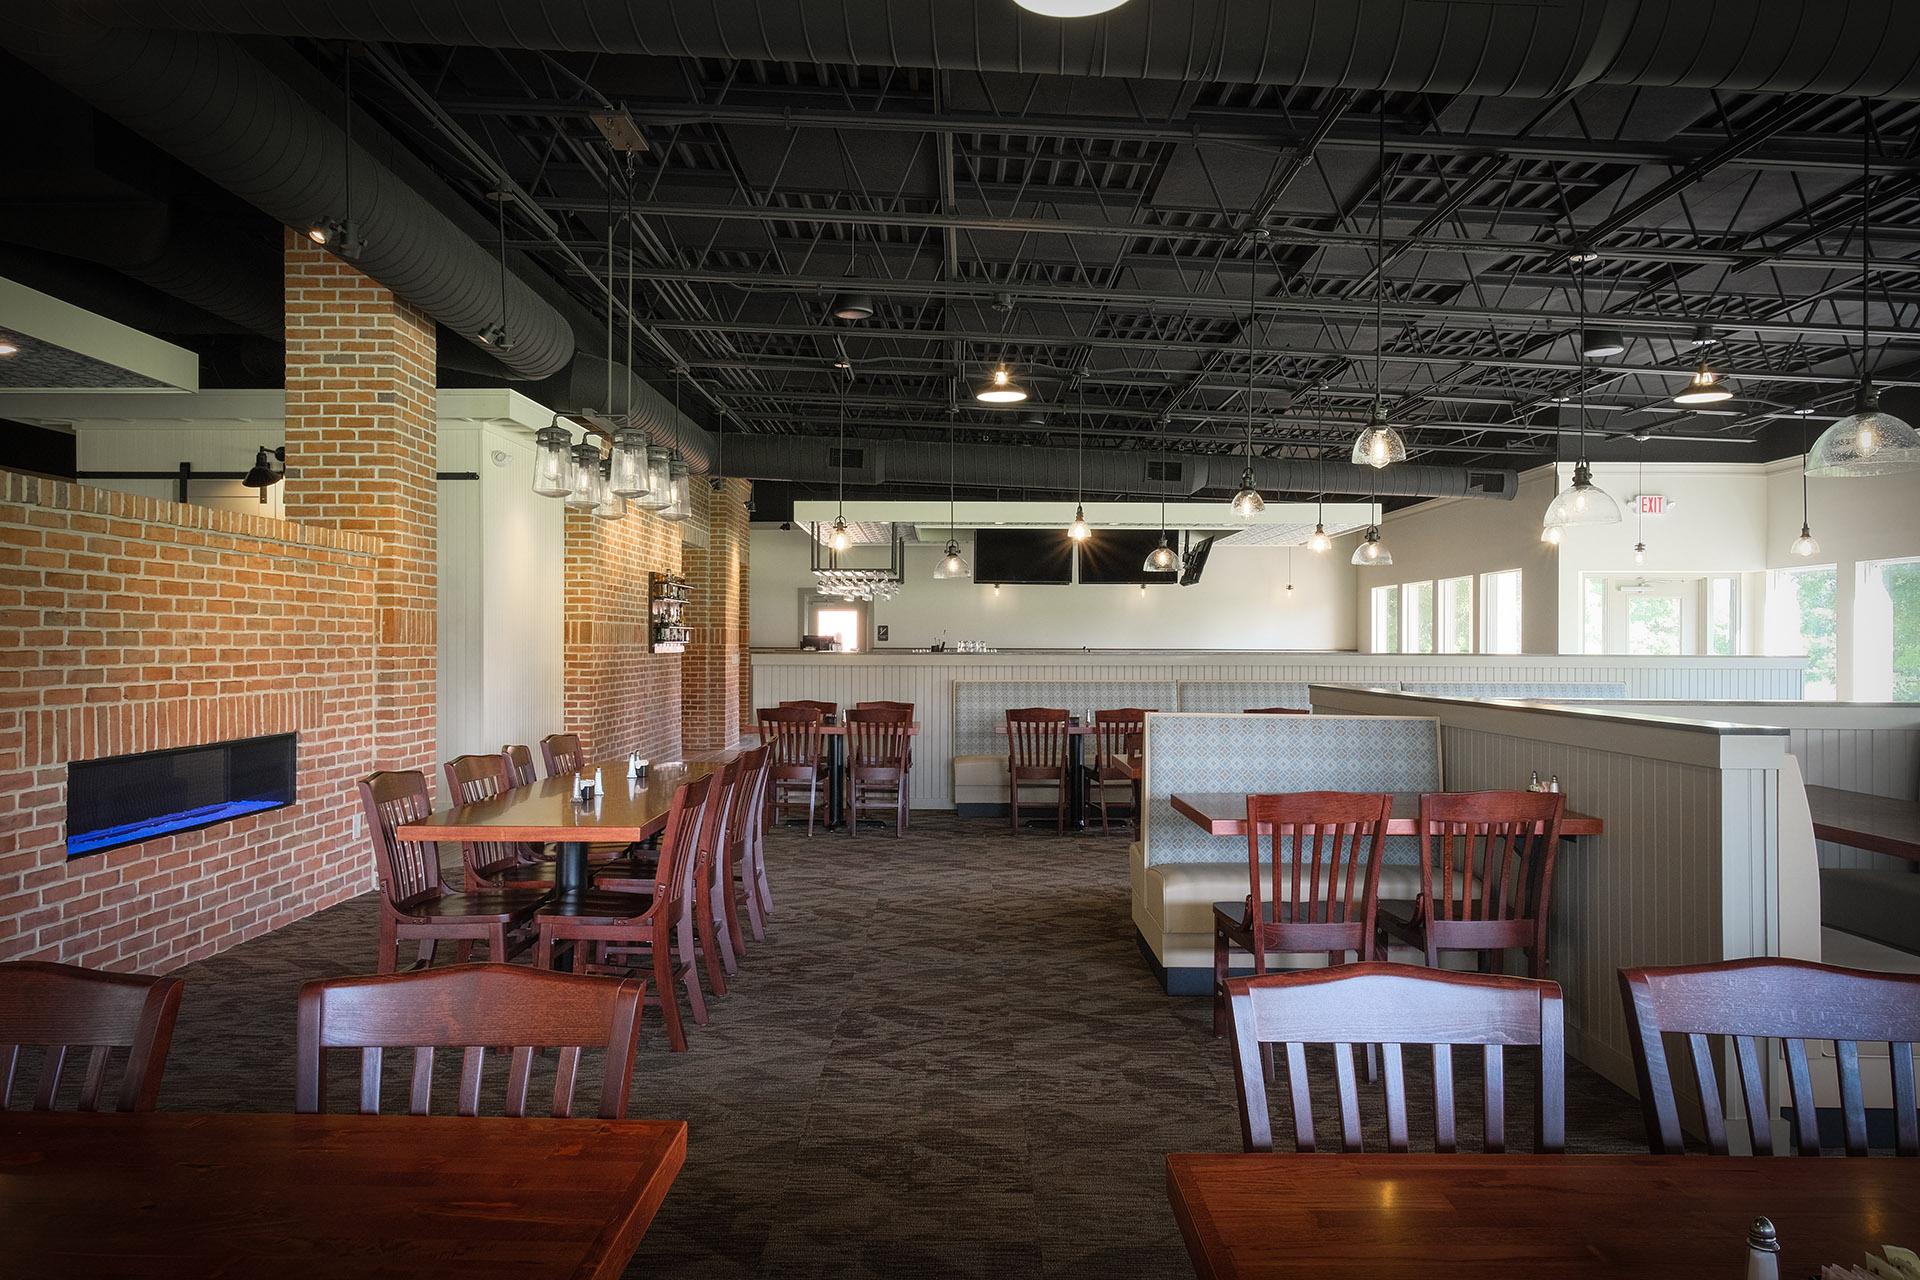 Blue collar dining room